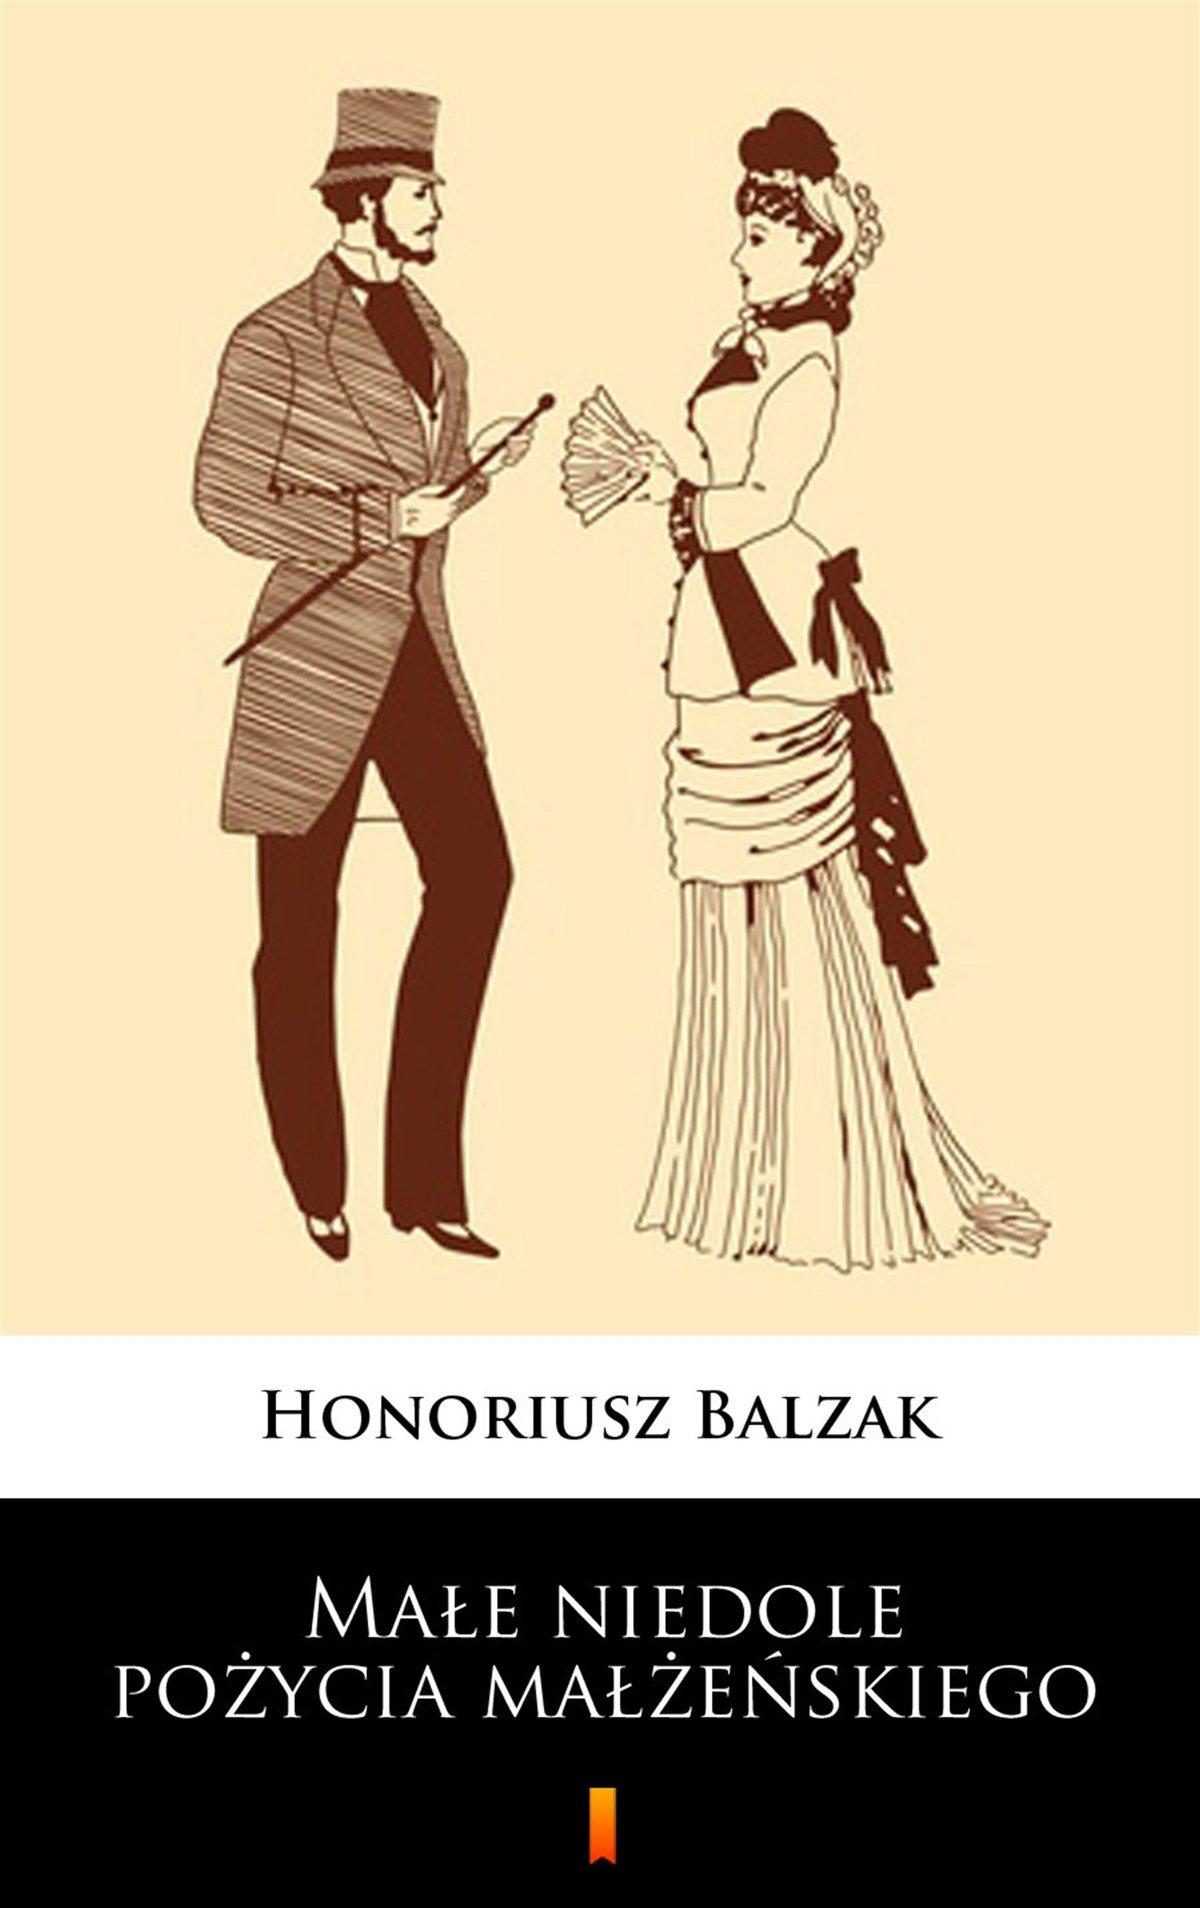 Małe niedole pożycia małżeńskiego - Ebook (Książka na Kindle) do pobrania w formacie MOBI